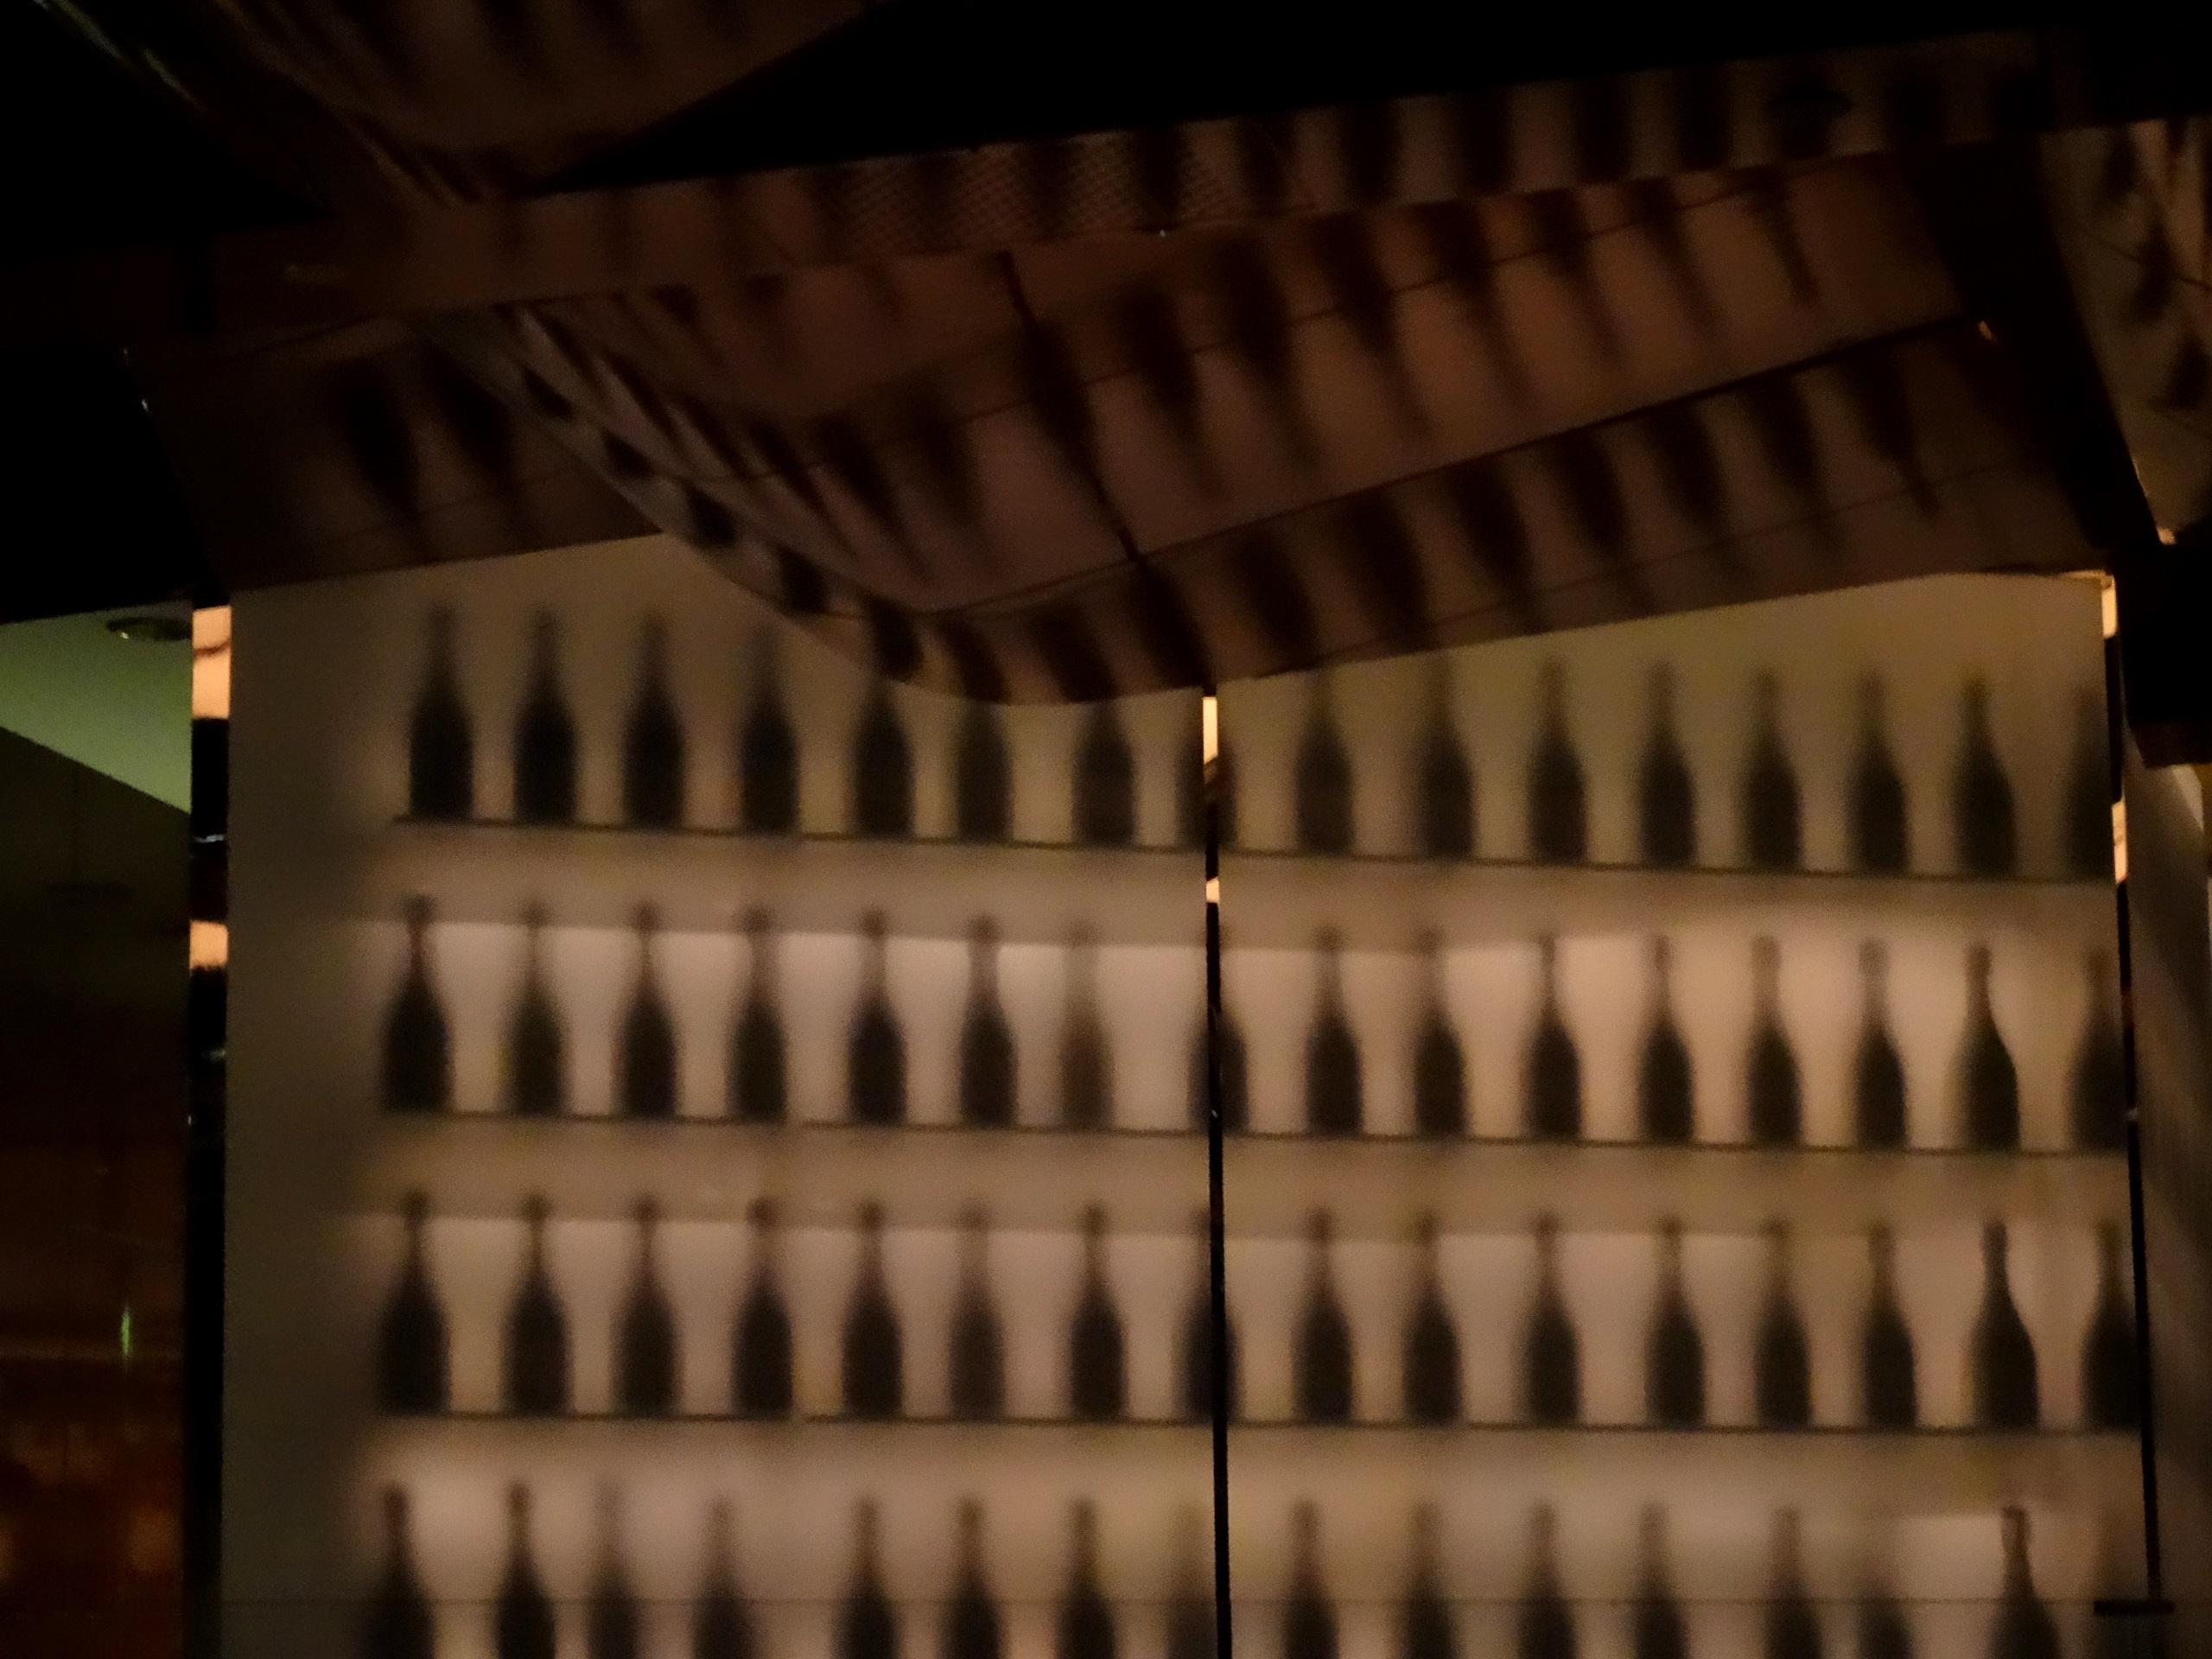 Restauracja At.Mosphere w Dubaju - alkohol zasłonięty w czasie ramadanu